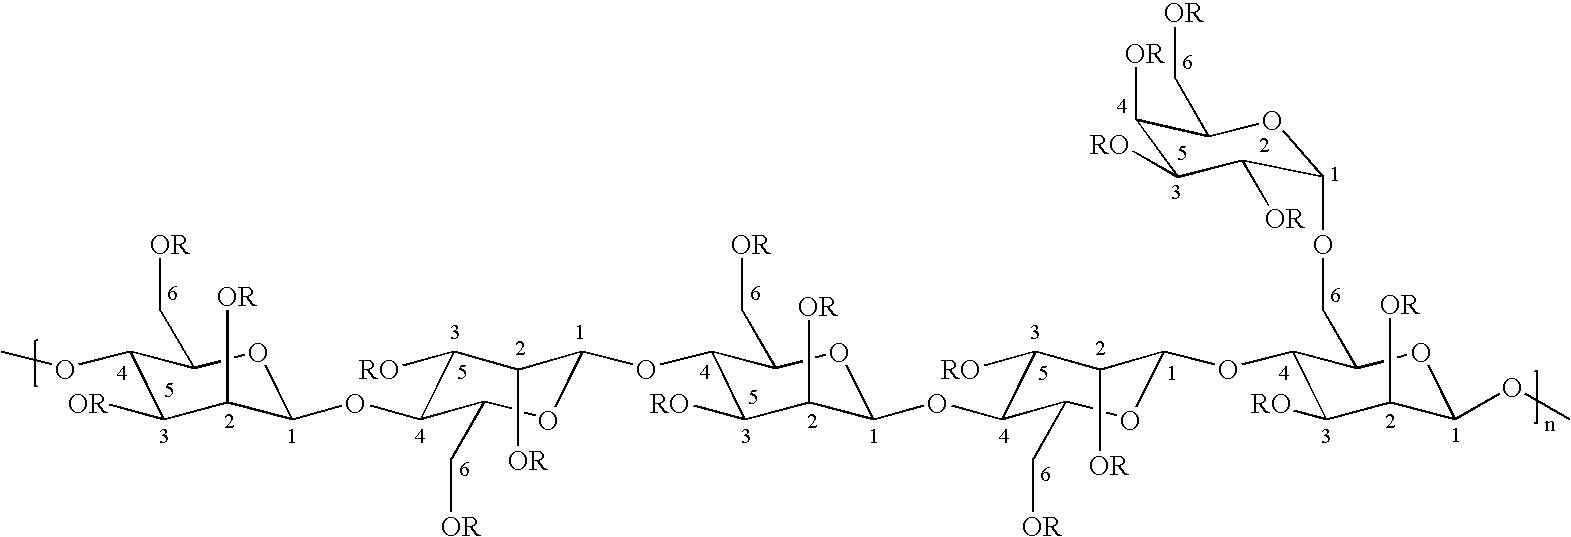 Figure US20090010855A1-20090108-C00005